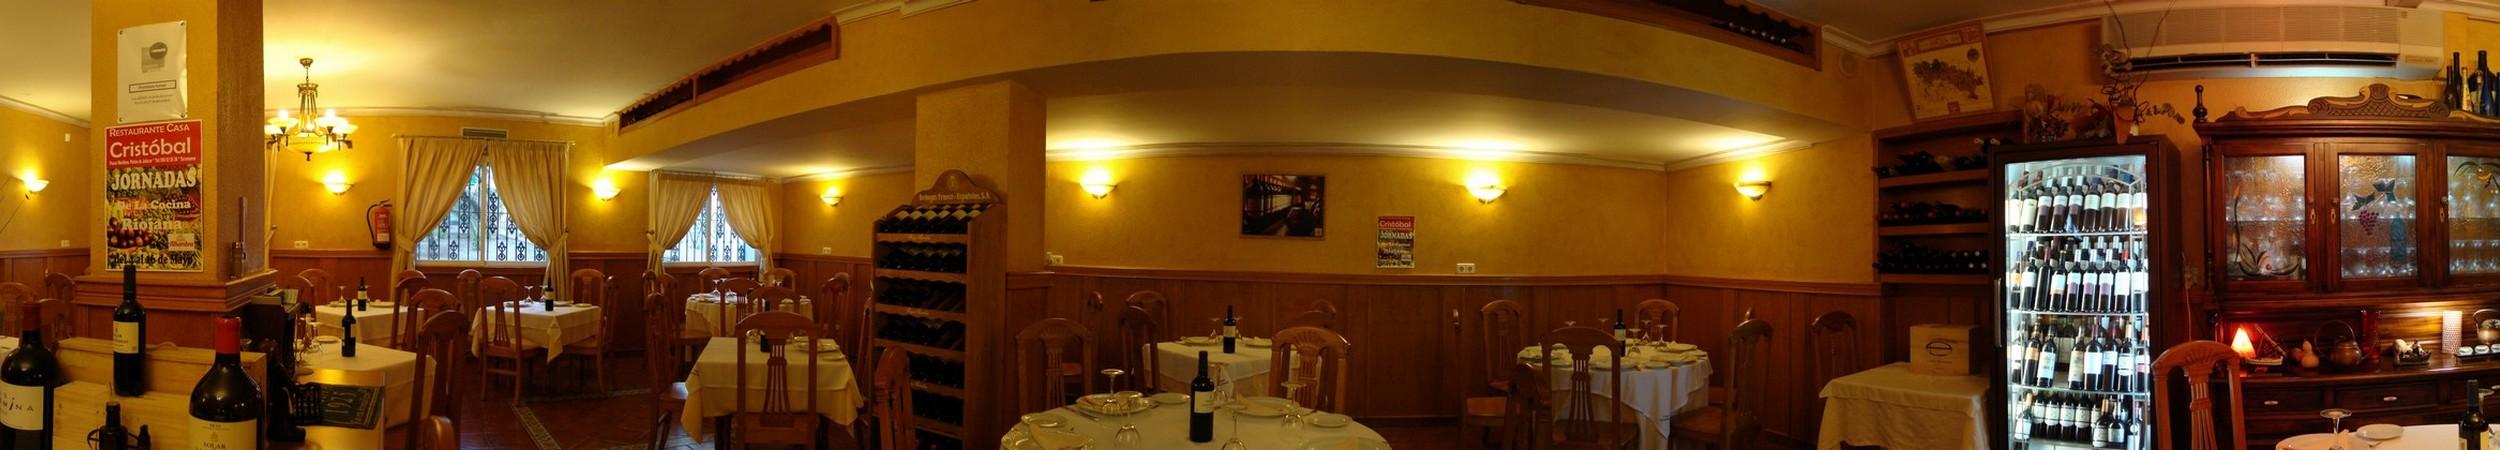 Restaurante Casa Cristóbal en torrenueva, restaurantes en torrenueva, restaurantes torrenueva,